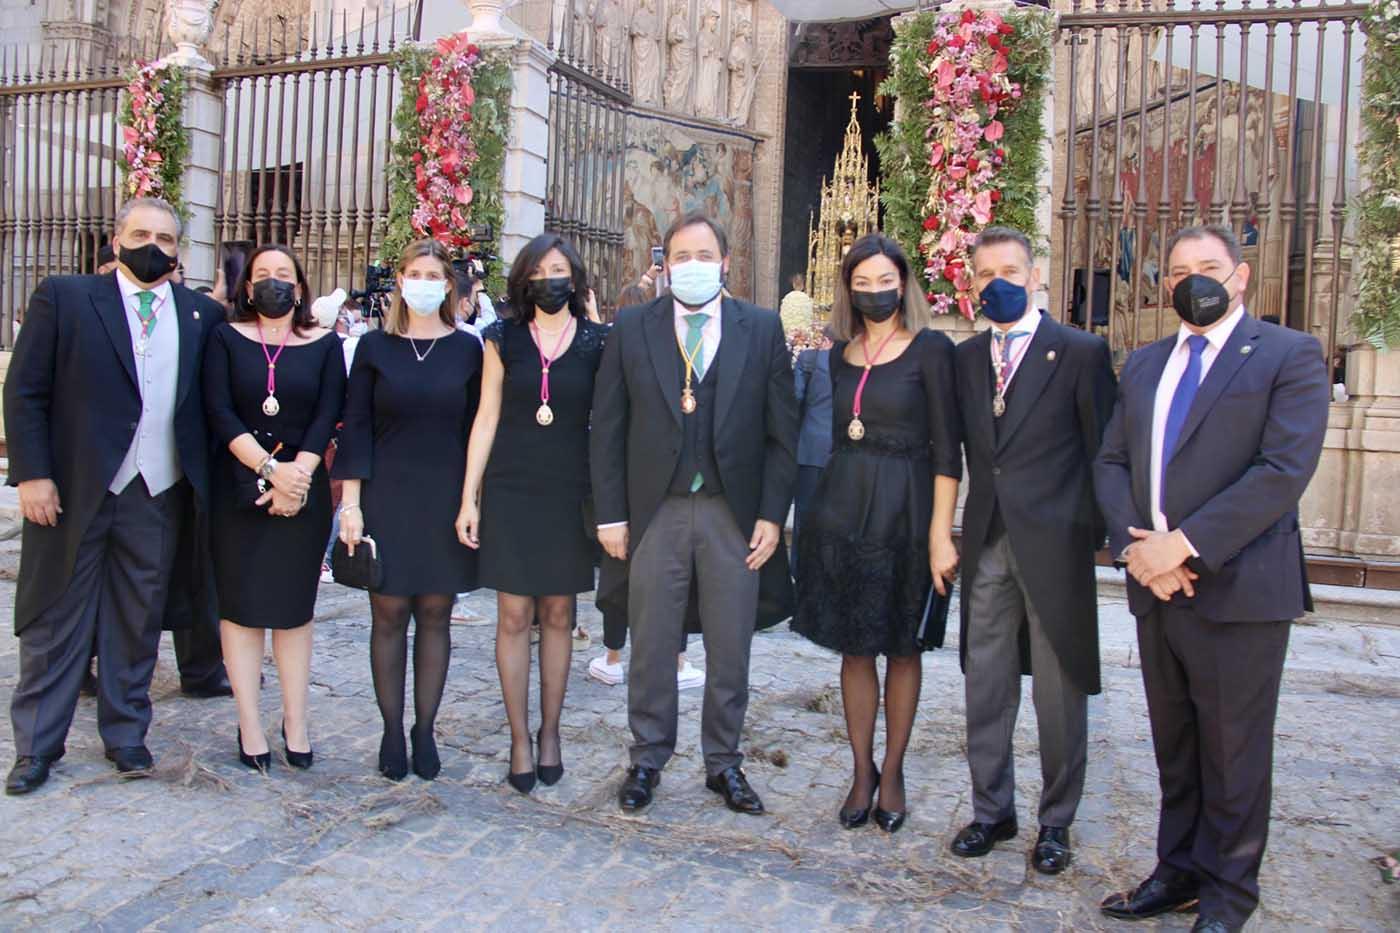 Representantes del PP-CLM y el Ayuntamiento asisten a la misa en la Santa Iglesia Catedral Primada de Toledo